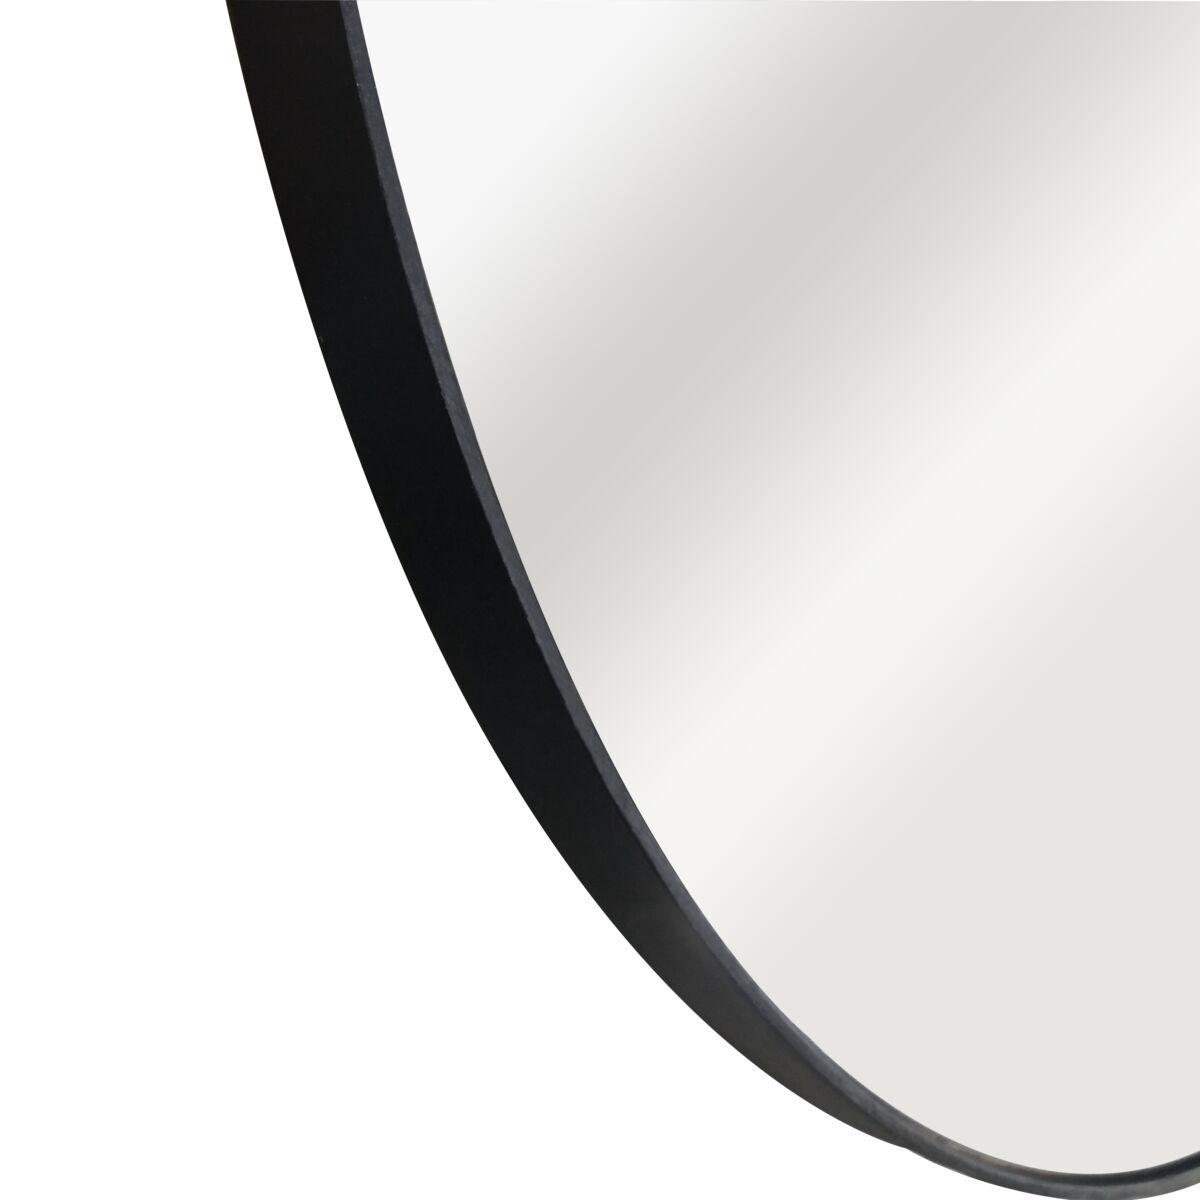 Lustro Okragle Circle Czarne Sr 50 Cm Inspire Lustra Dekoracyjne W Atrakcyjnej Cenie W Sklepach Leroy Merlin